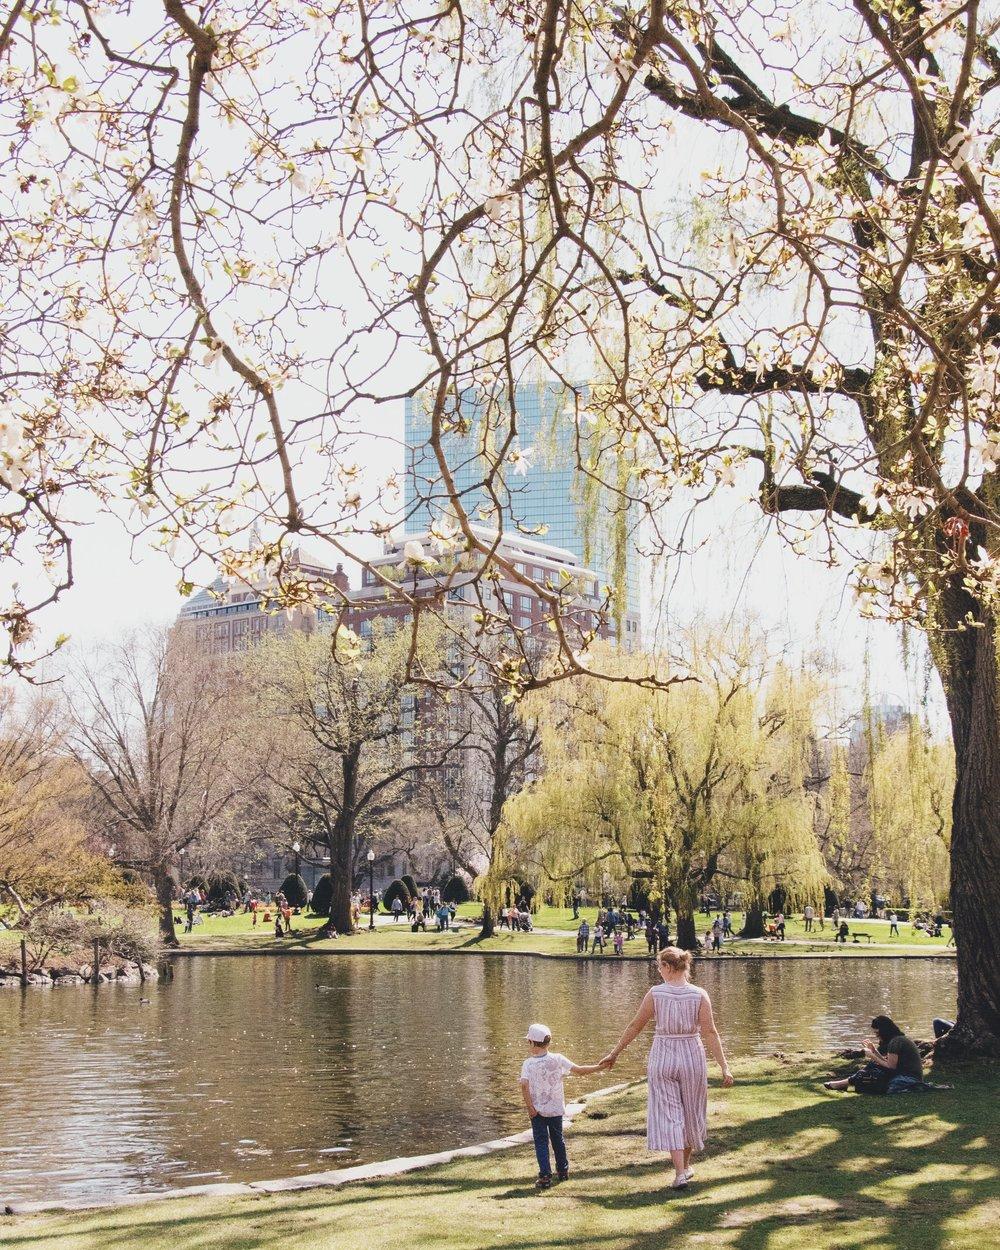 @sydnie.m - Public Garden, Boston, MA